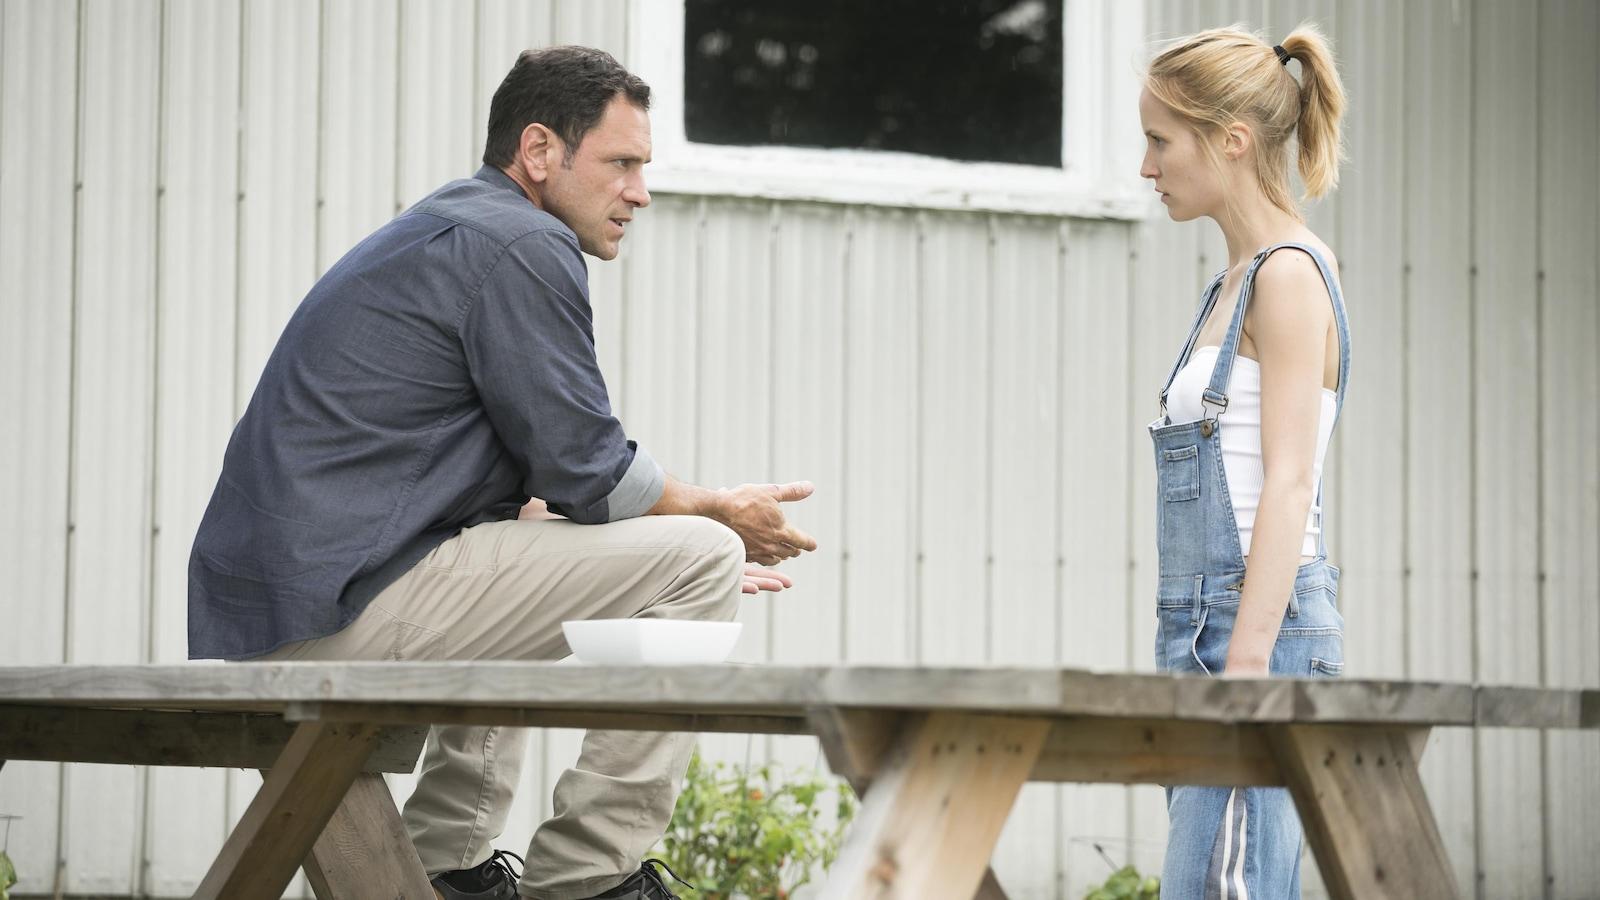 Charlotte Legault et Partrick Labbé qui discute en arrière de leur maison.